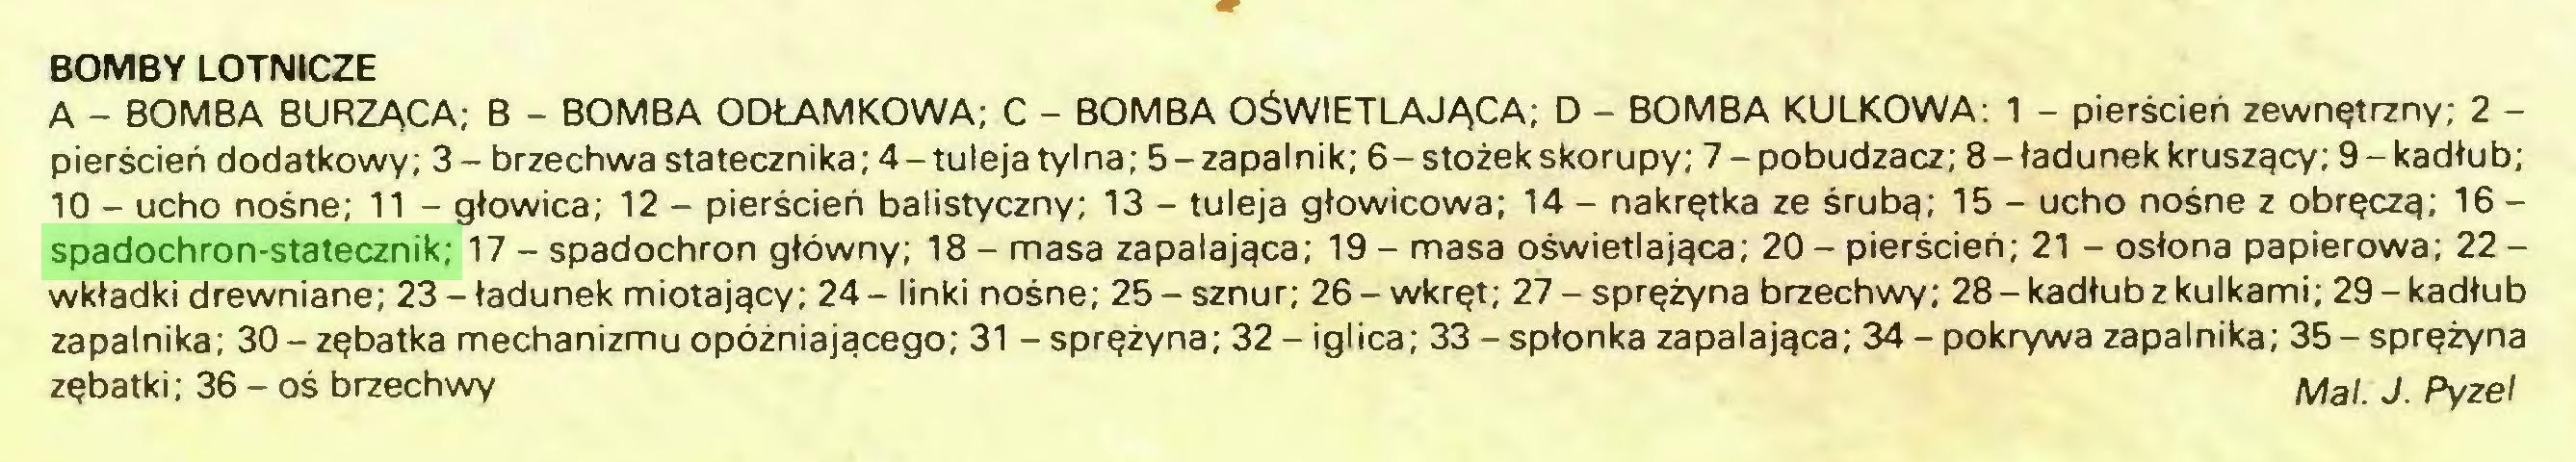 (...) BOMBY LOTNICZE A - BOMBA BURZĄCA; B - BOMBA ODŁAMKOWA; C - BOMBA OŚWIETLAJĄCA; D - BOMBA KULKOWA: 1 - pierścień zewnętrzny; 2 pierścień dodatkowy; 3- brzechwa statecznika; 4-tuleja tylna; 5-zapalnik; 6-stożek skorupy; 7-pobudzacz; 8-ładunek kruszący; 9-kadłub; 10 - ucho nośne; 11 - głowica; 12 - pierścień balistyczny; 13 - tuleja głowicowa; 14 - nakrętka ze śrubą; 15 - ucho nośne z obręczą; 16 spadochron-statecznik; 17 - spadochron główny; 18 - masa zapalająca; 19 - masa oświetlająca; 20 - pierścień; 21 - osłona papierowa; 22 wkładki drewniane; 23-ładunek miotający; 24- linki nośne; 25-sznur; 26-wkręt; 27-sprężyna brzechwy; 28-kadłub z kulkami; 29-kadłub zapalnika; 30-zębatka mechanizmu opóźniającego; 31 - sprężyna; 32 - iglica; 33 - spłonka zapalająca; 34- pokrywa zapalnika; 35-sprężyna zębatki; 36 - oś brzechwy Mai. J. Pyzę!...